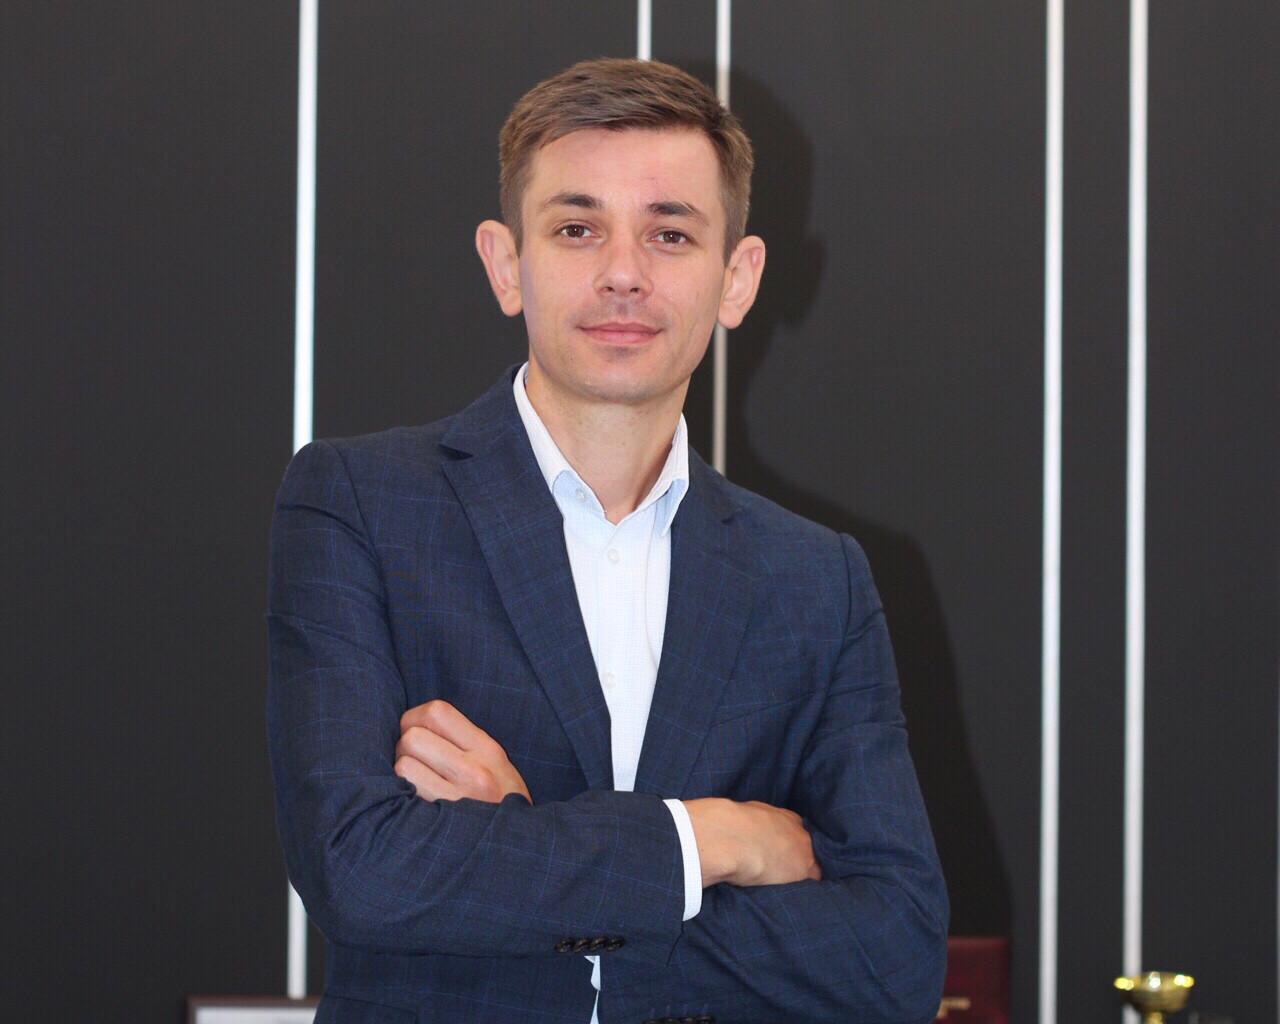 Andriy Fylyk